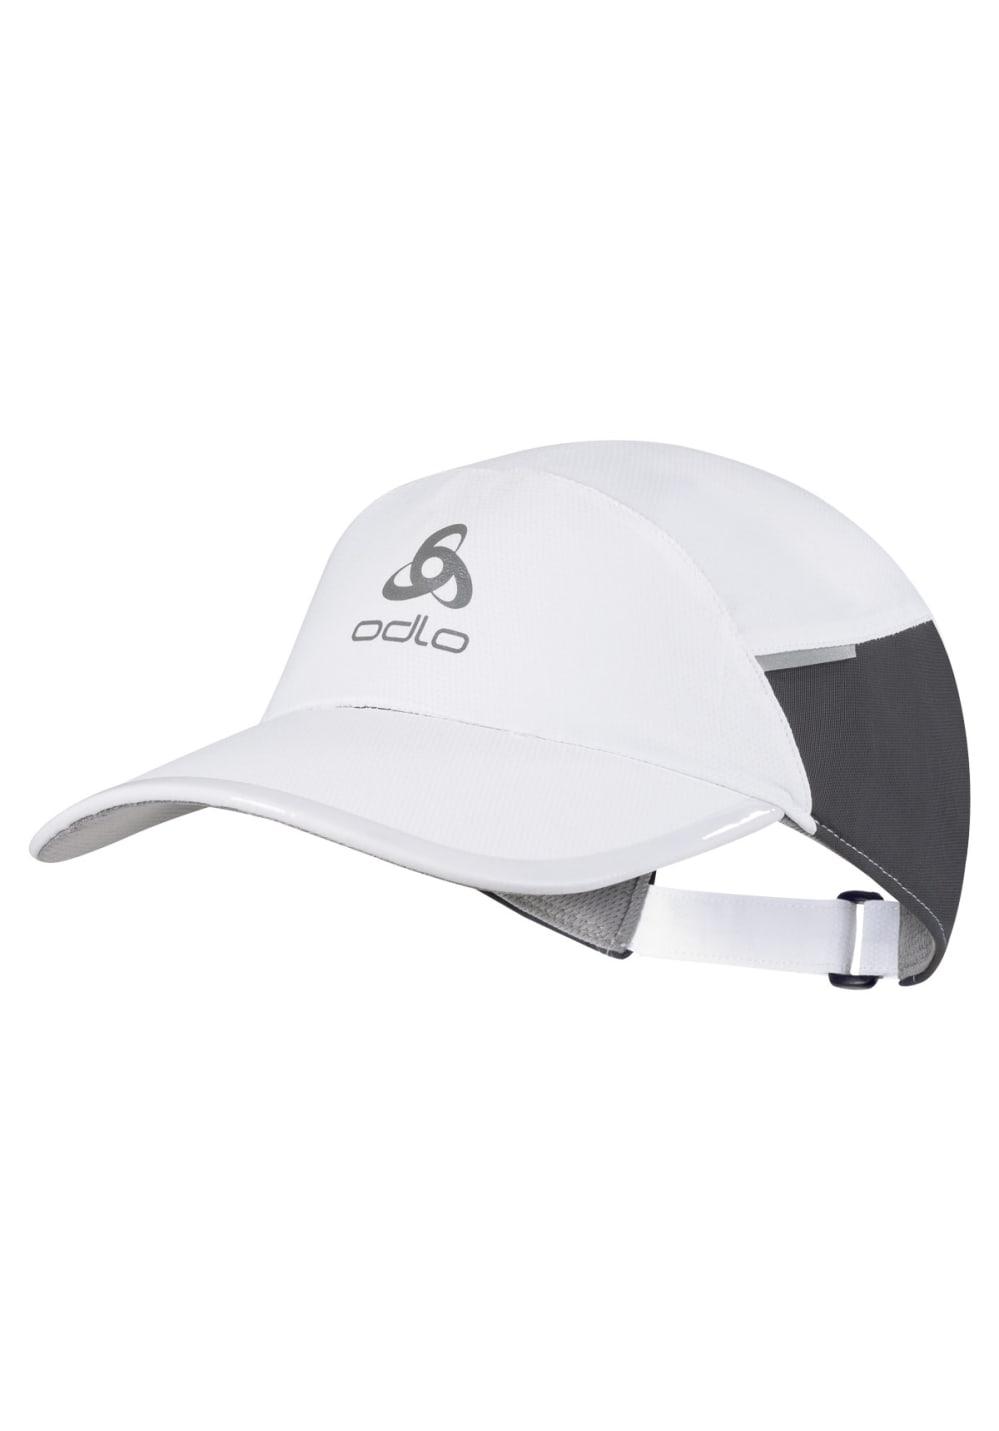 Odlo Cap Fast & Light Kopfbedeckung - Weiß, Gr. L/XL